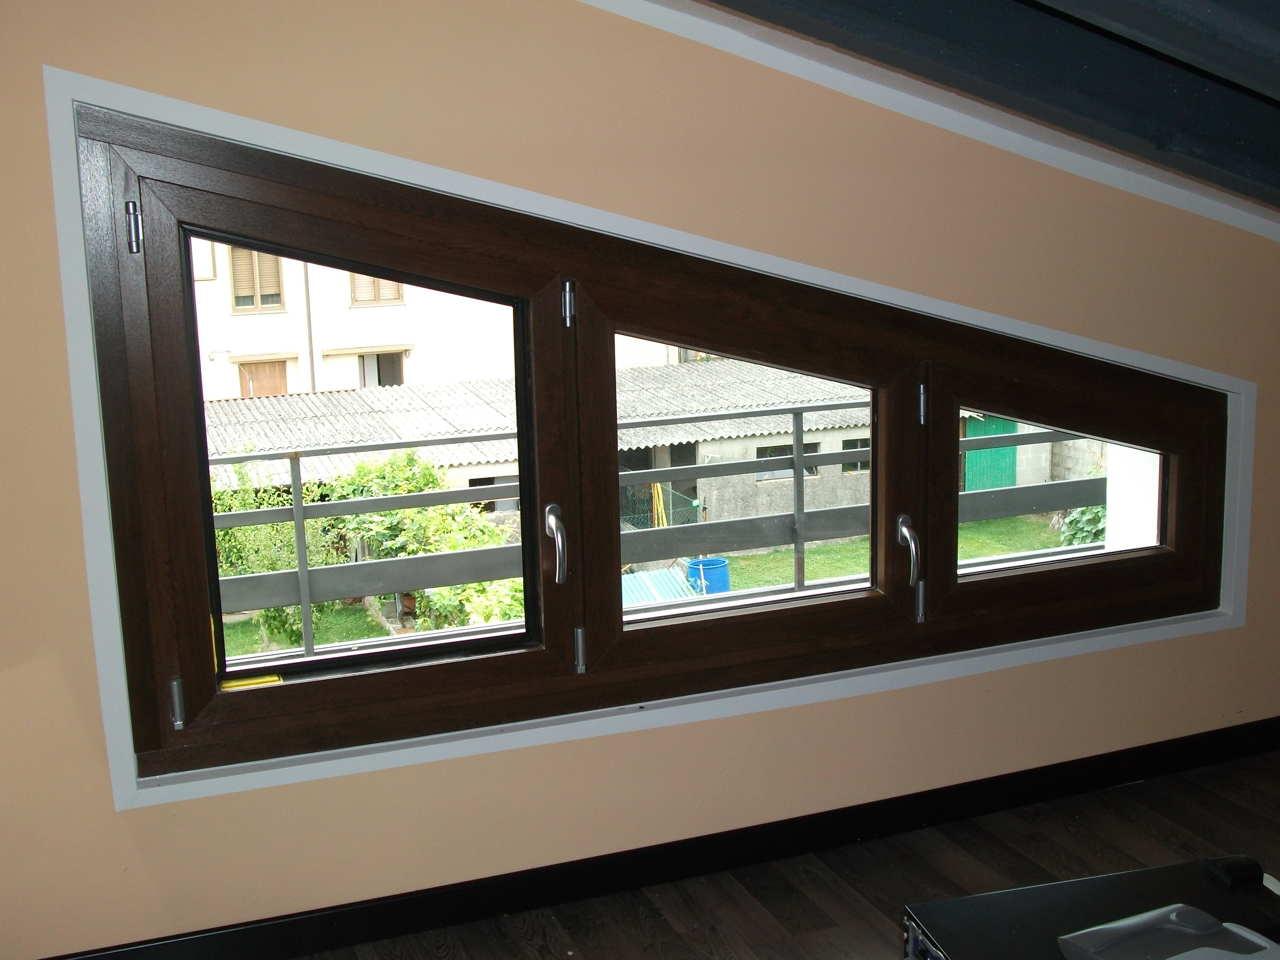 Contatti Ufficio Linea Emme Serramenti Realizzazioni In Pvc Finestre E Porte 22